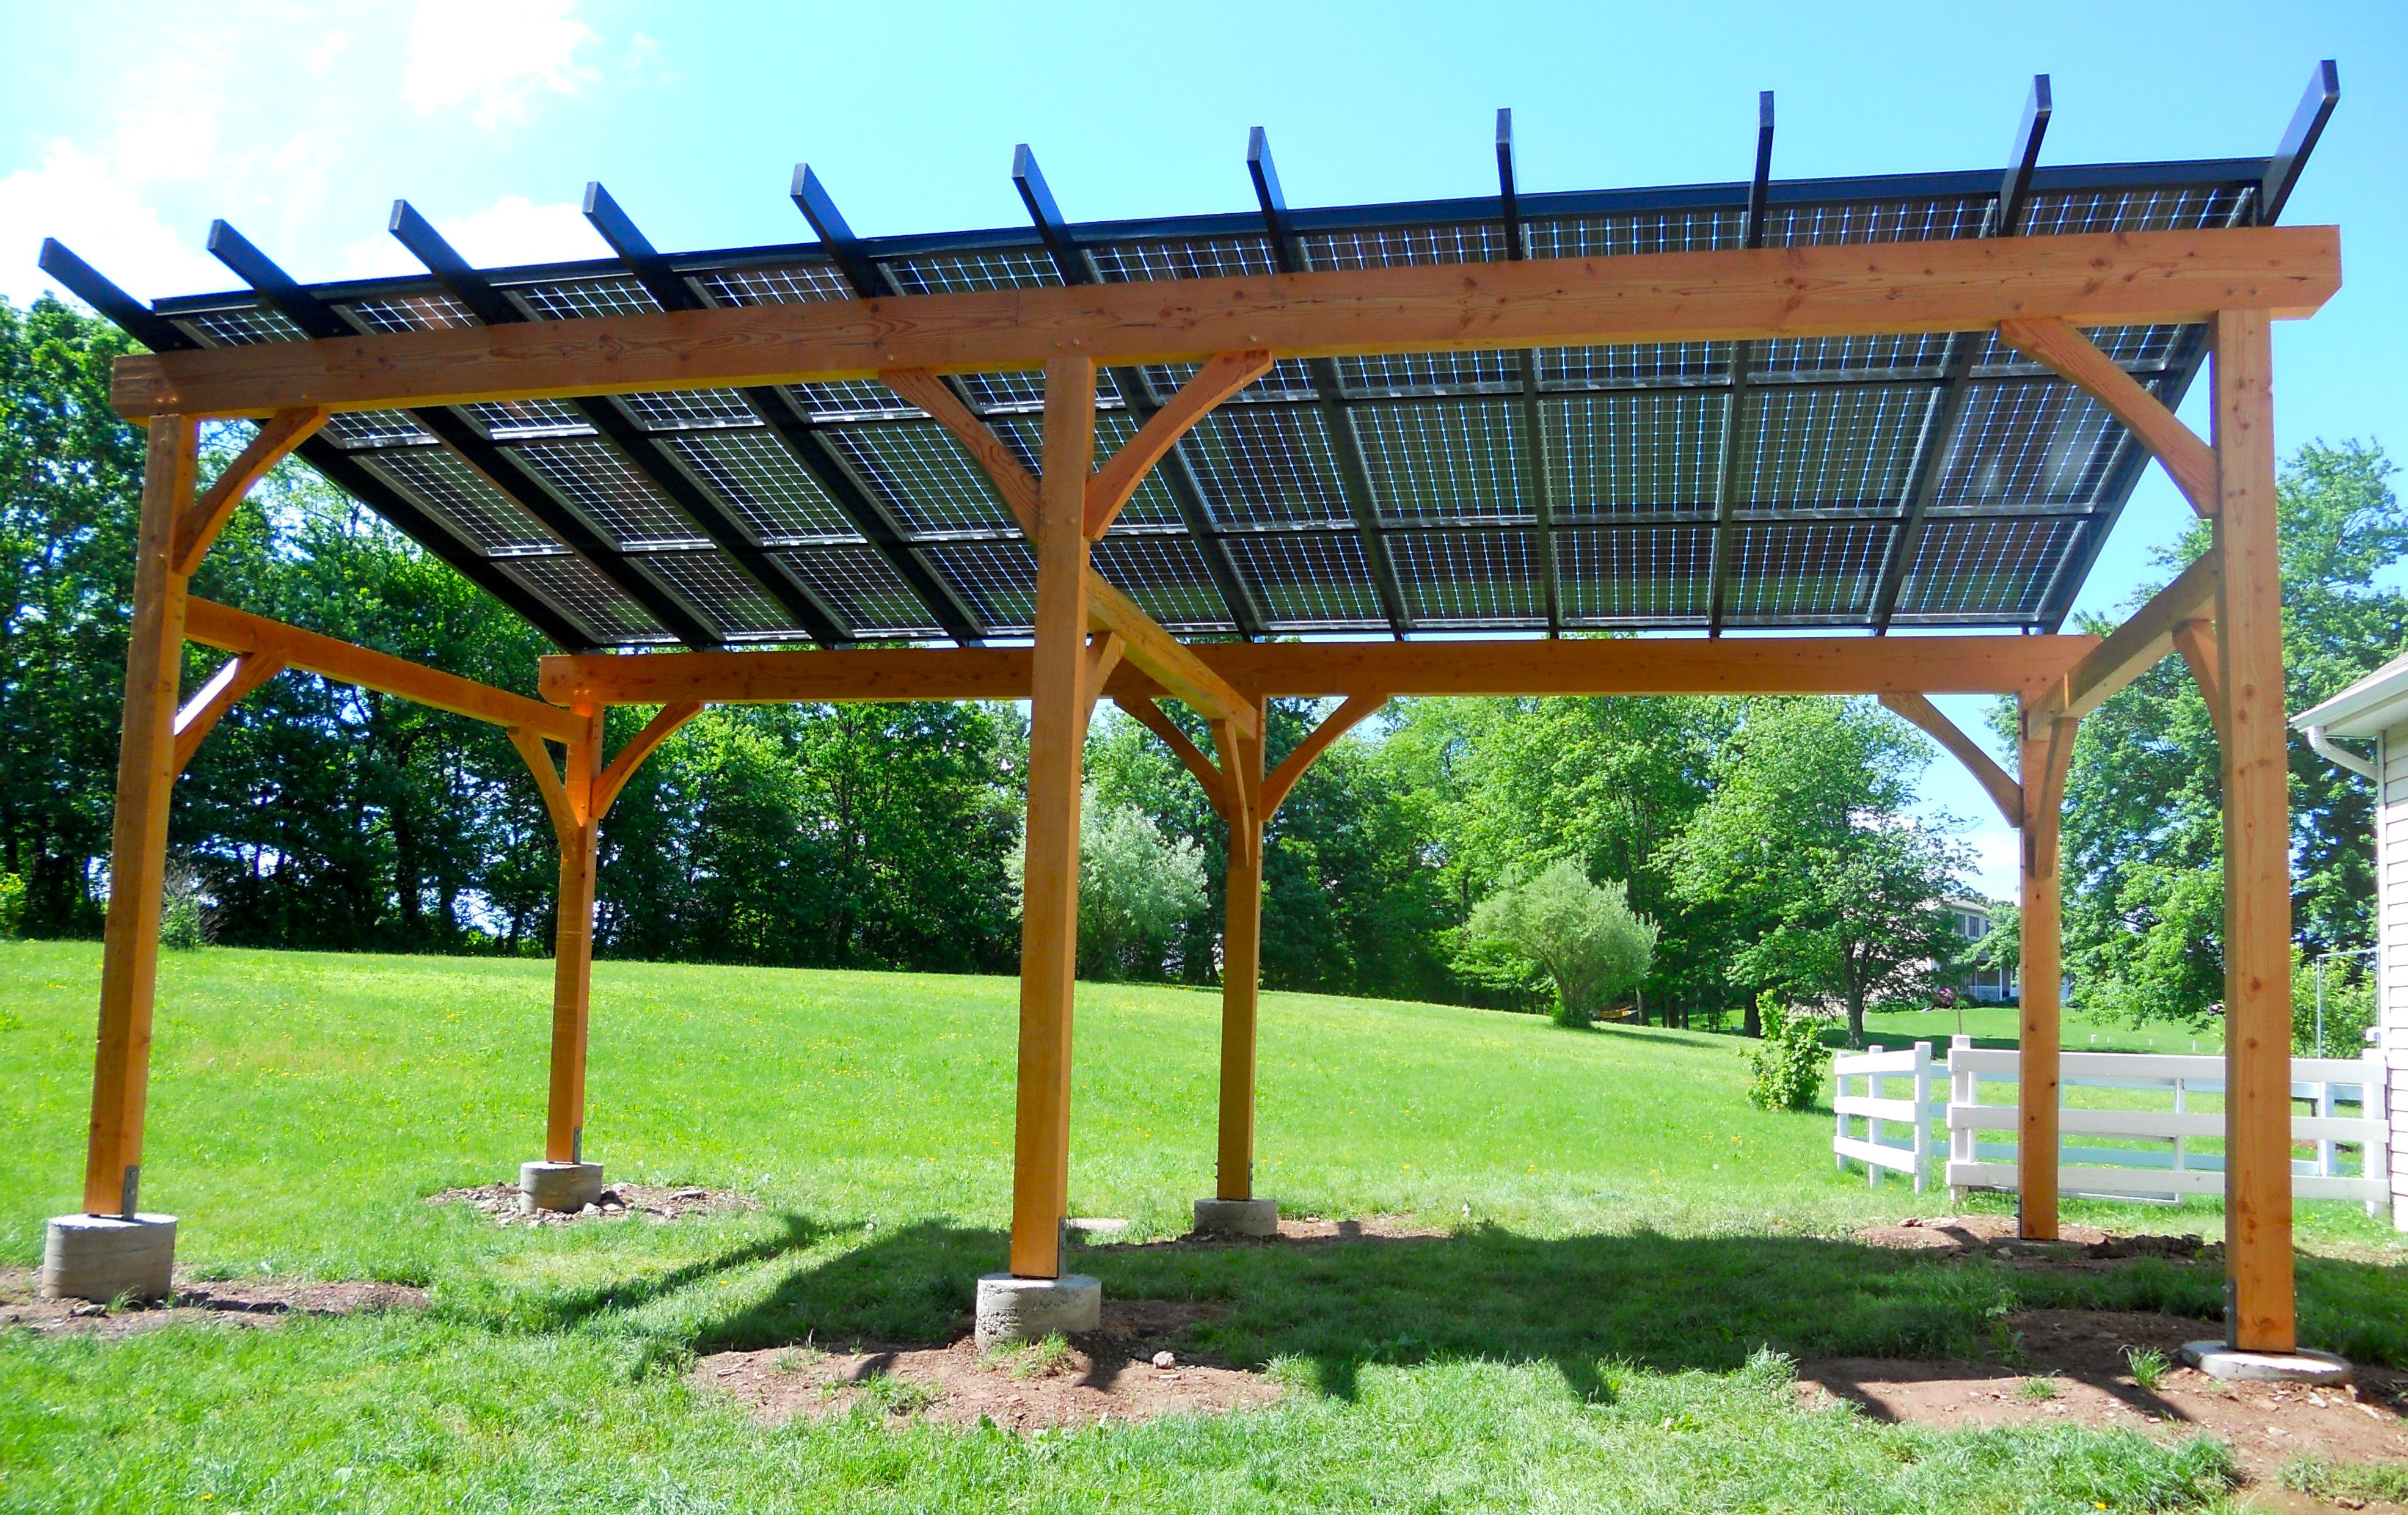 Solar pergola by TFBC member Hugh Lofting Timber Framing